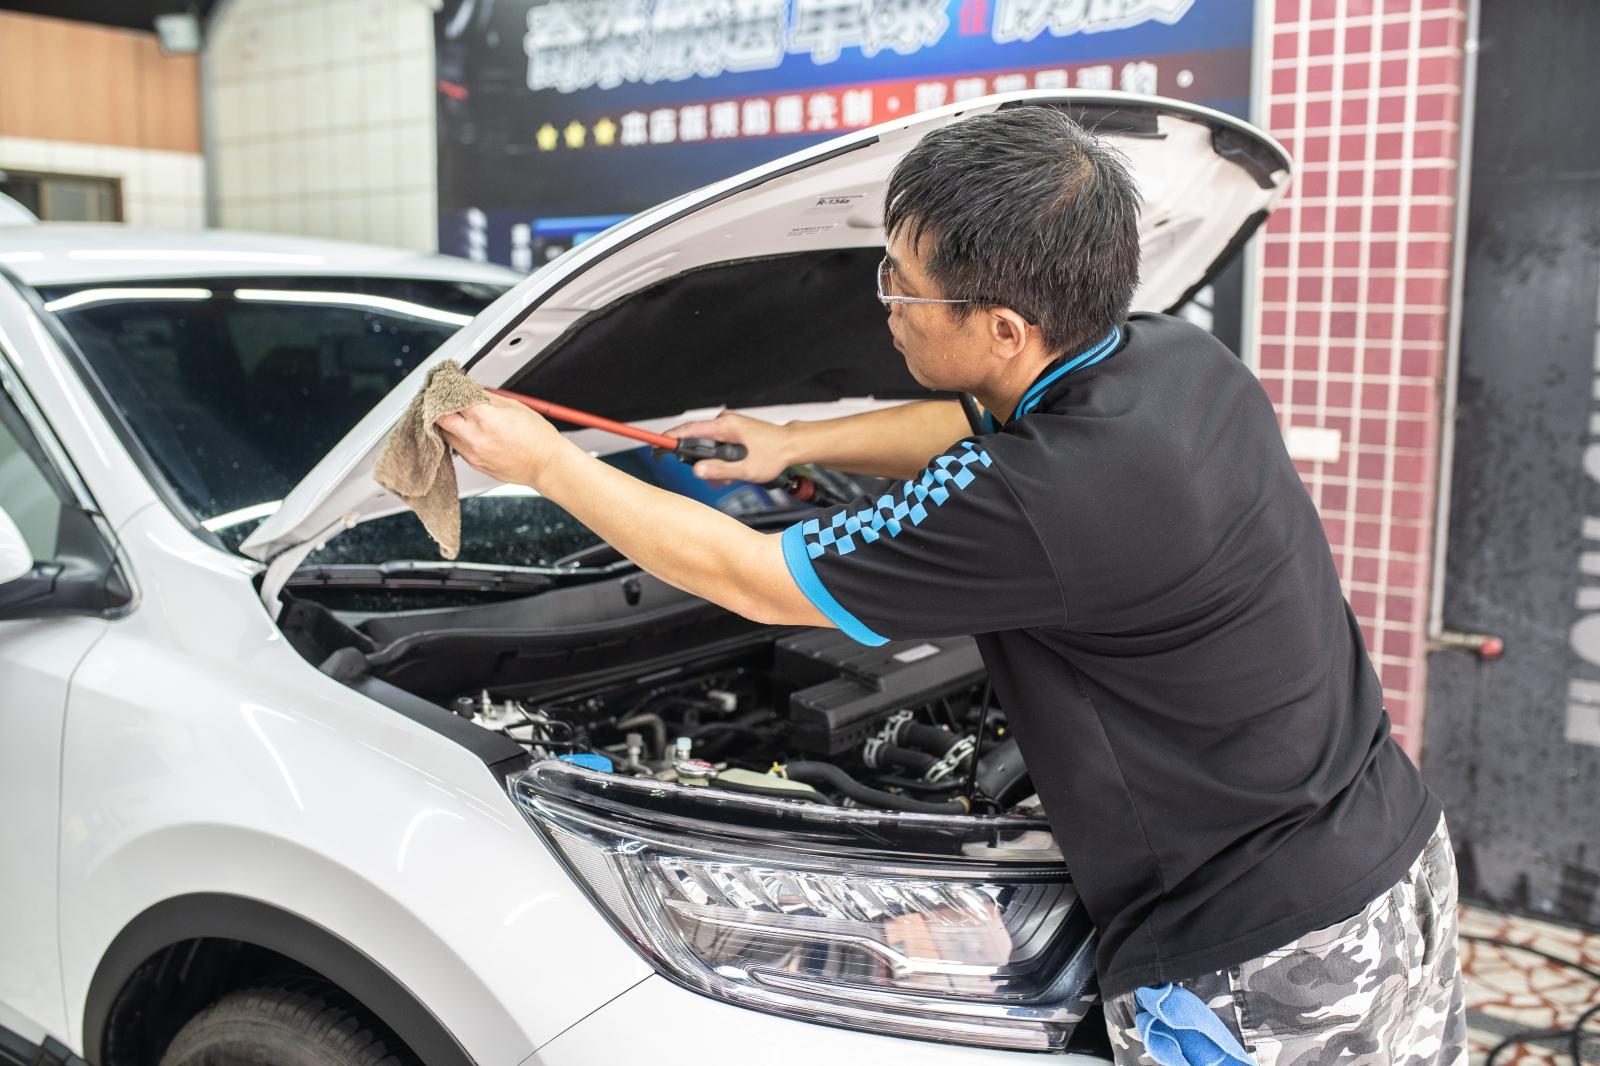 中壢JCB龍興汽車專業美容工坊~愛車的鍍膜保養就是這了!老闆比你還愛護你的車。中壢高品質的汽車鍍膜推薦